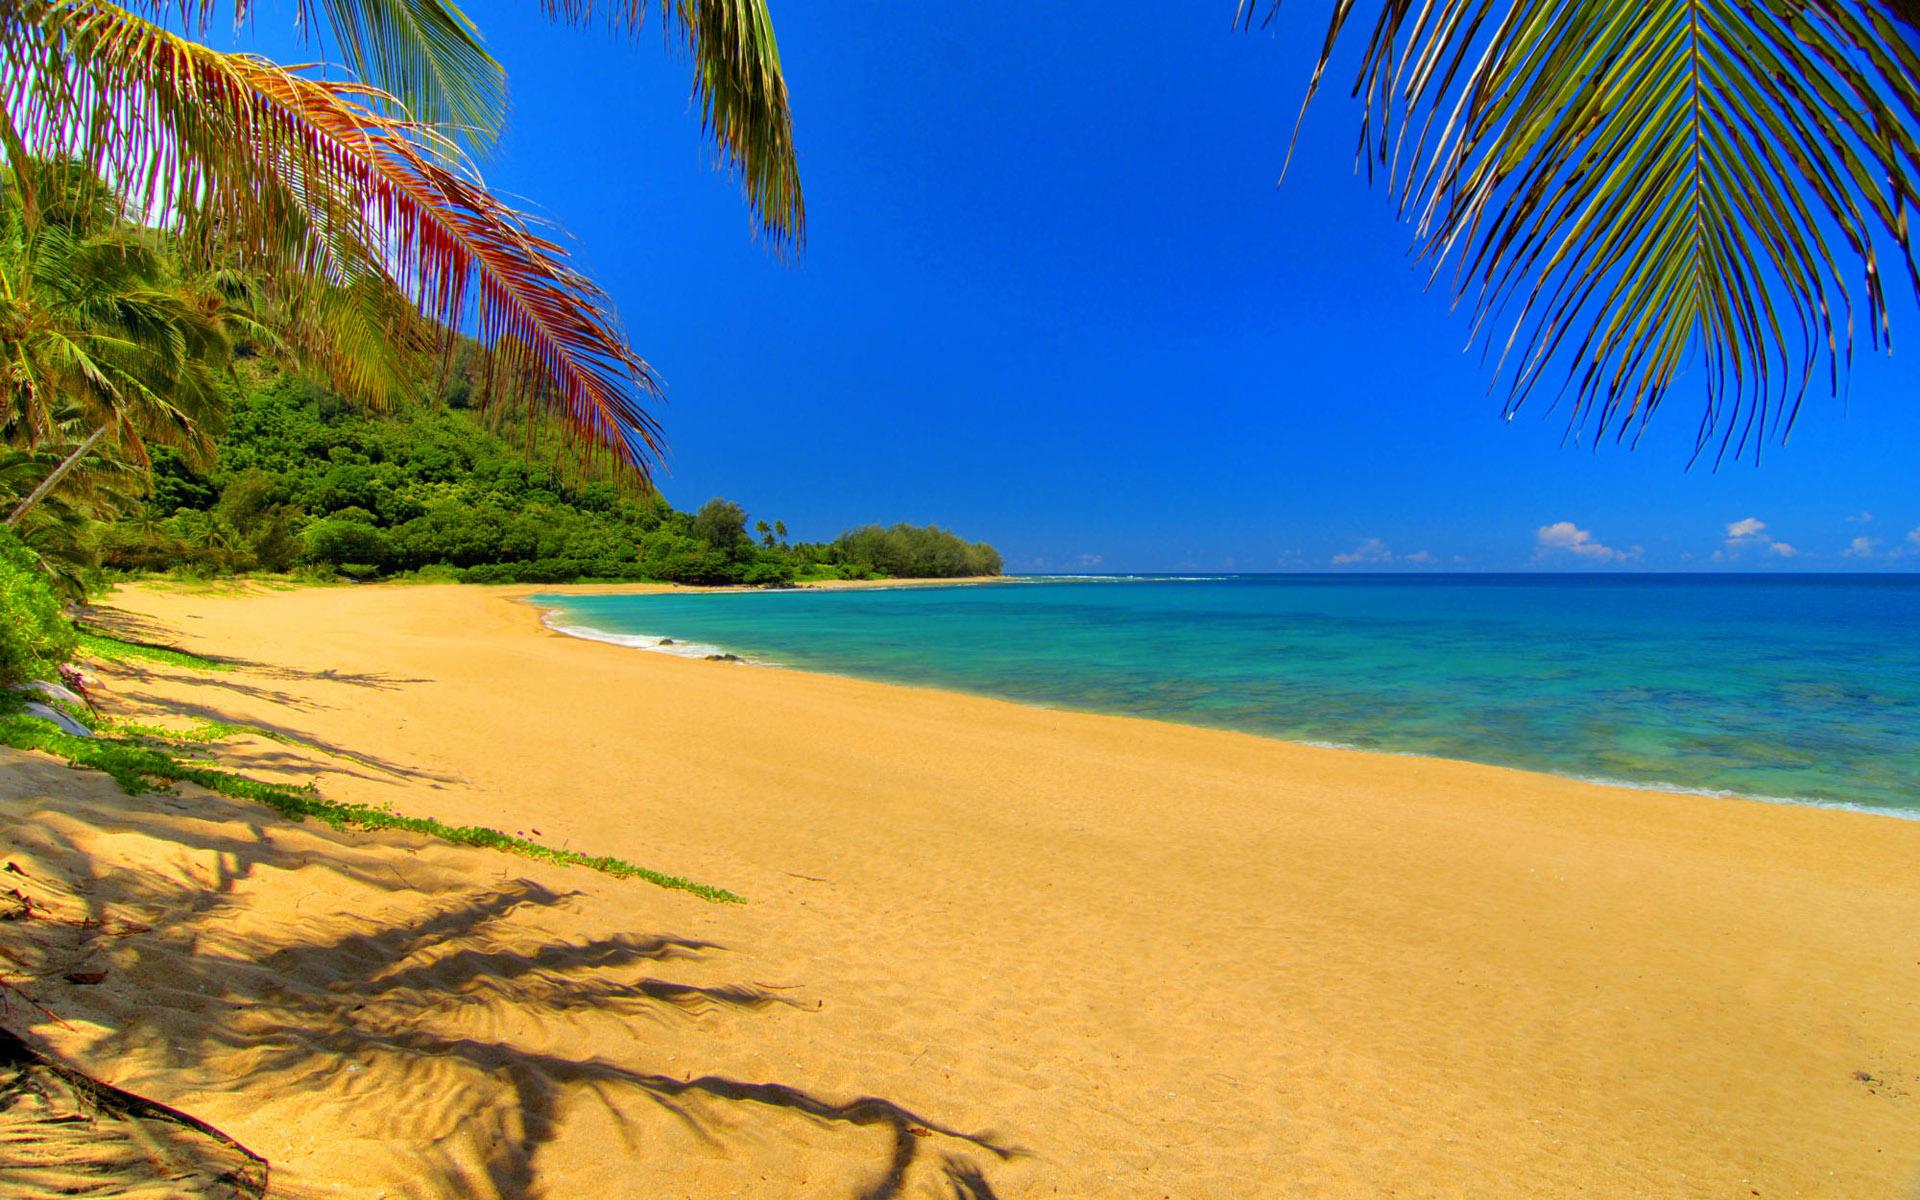 песок, тропический пляж, море, фото